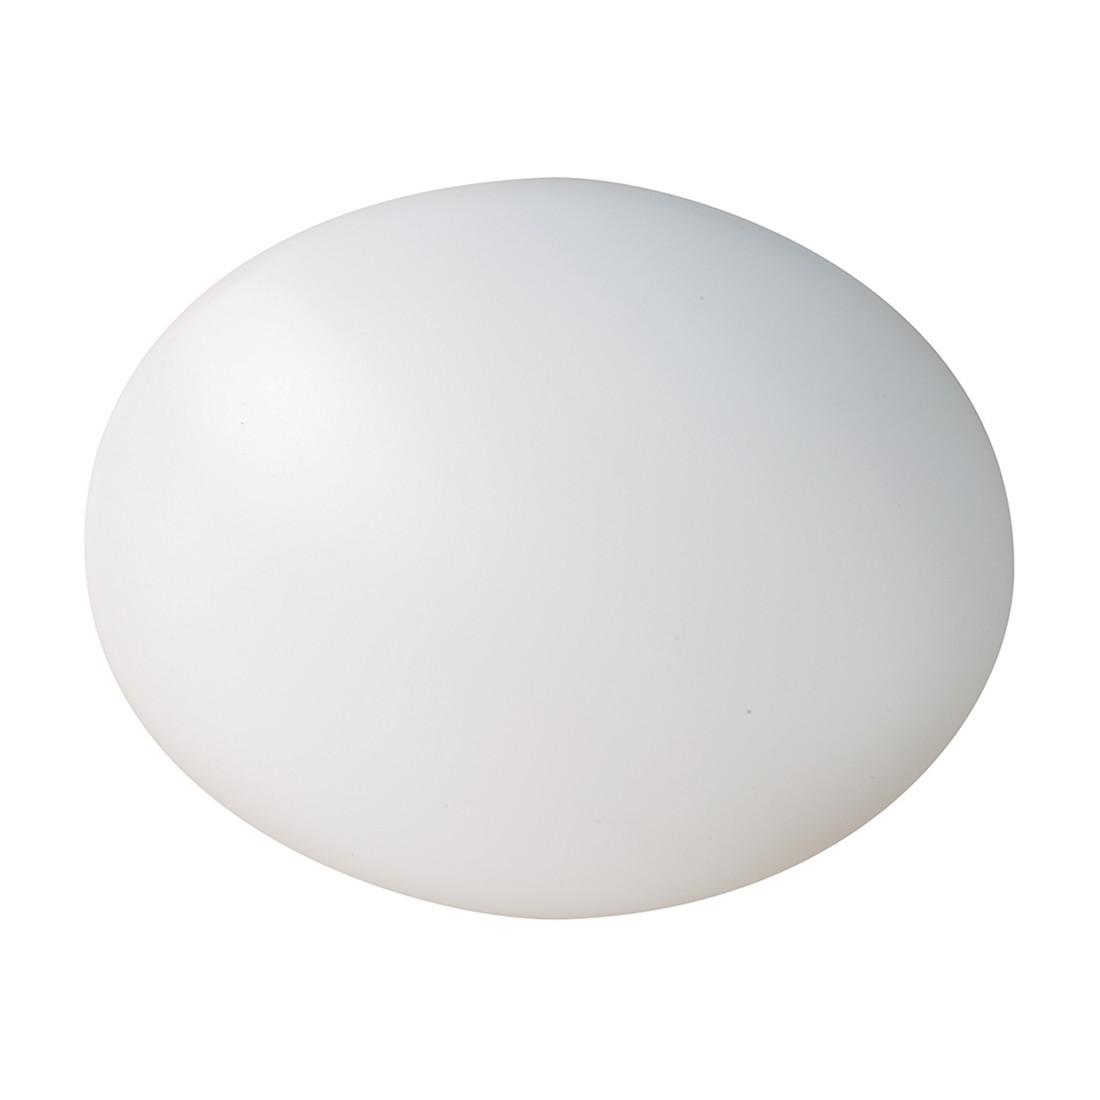 Deckenleuchte 1-flammig ● Weiß Ø 30 cm- Steinhauer